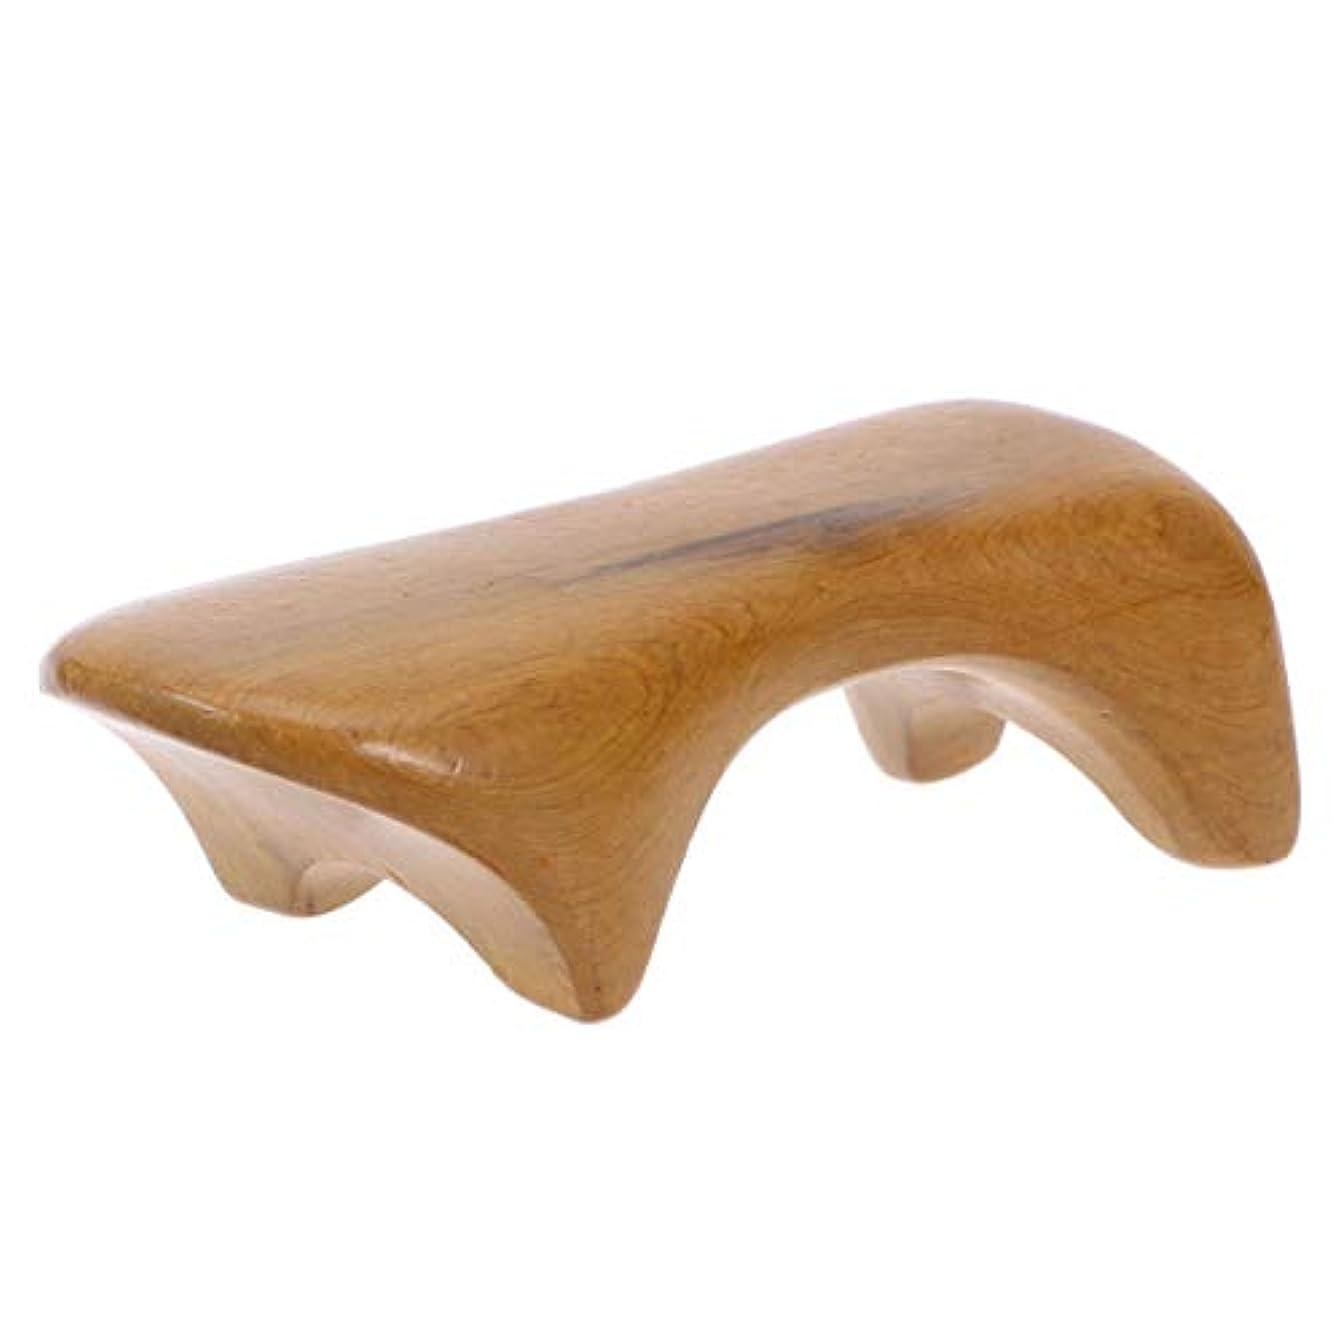 引用スロープお客様完全木製のための木の背部マッサージャーの手持ち型のBadyのマッサージャーの多機能のマッサージャー